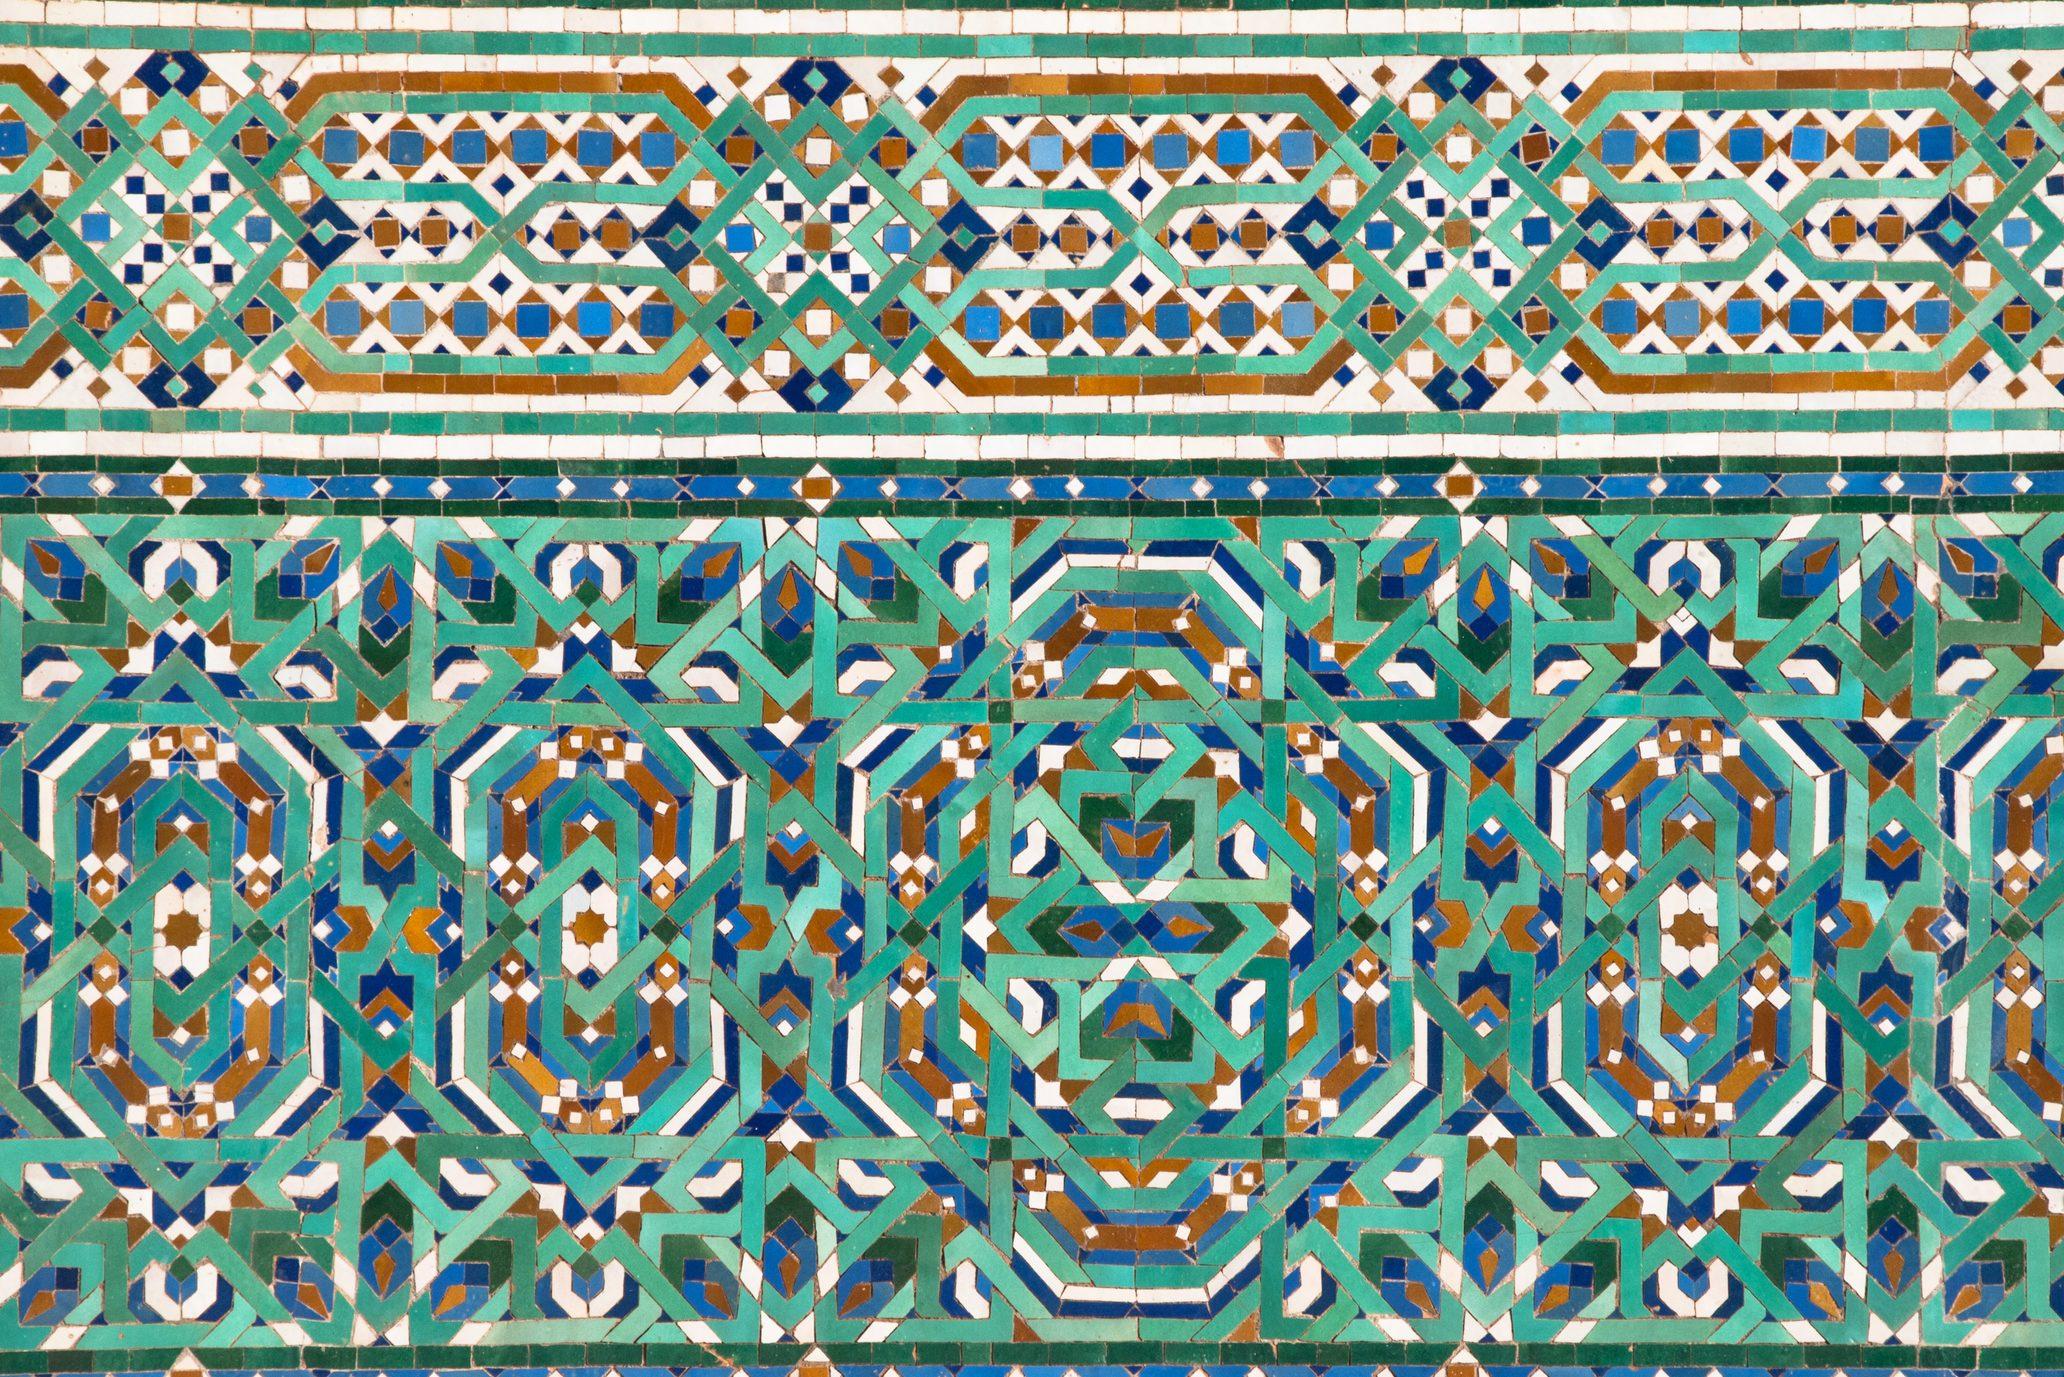 Zellige mosaic tilework in Hassan II Mosque in Casablanca, Morocco